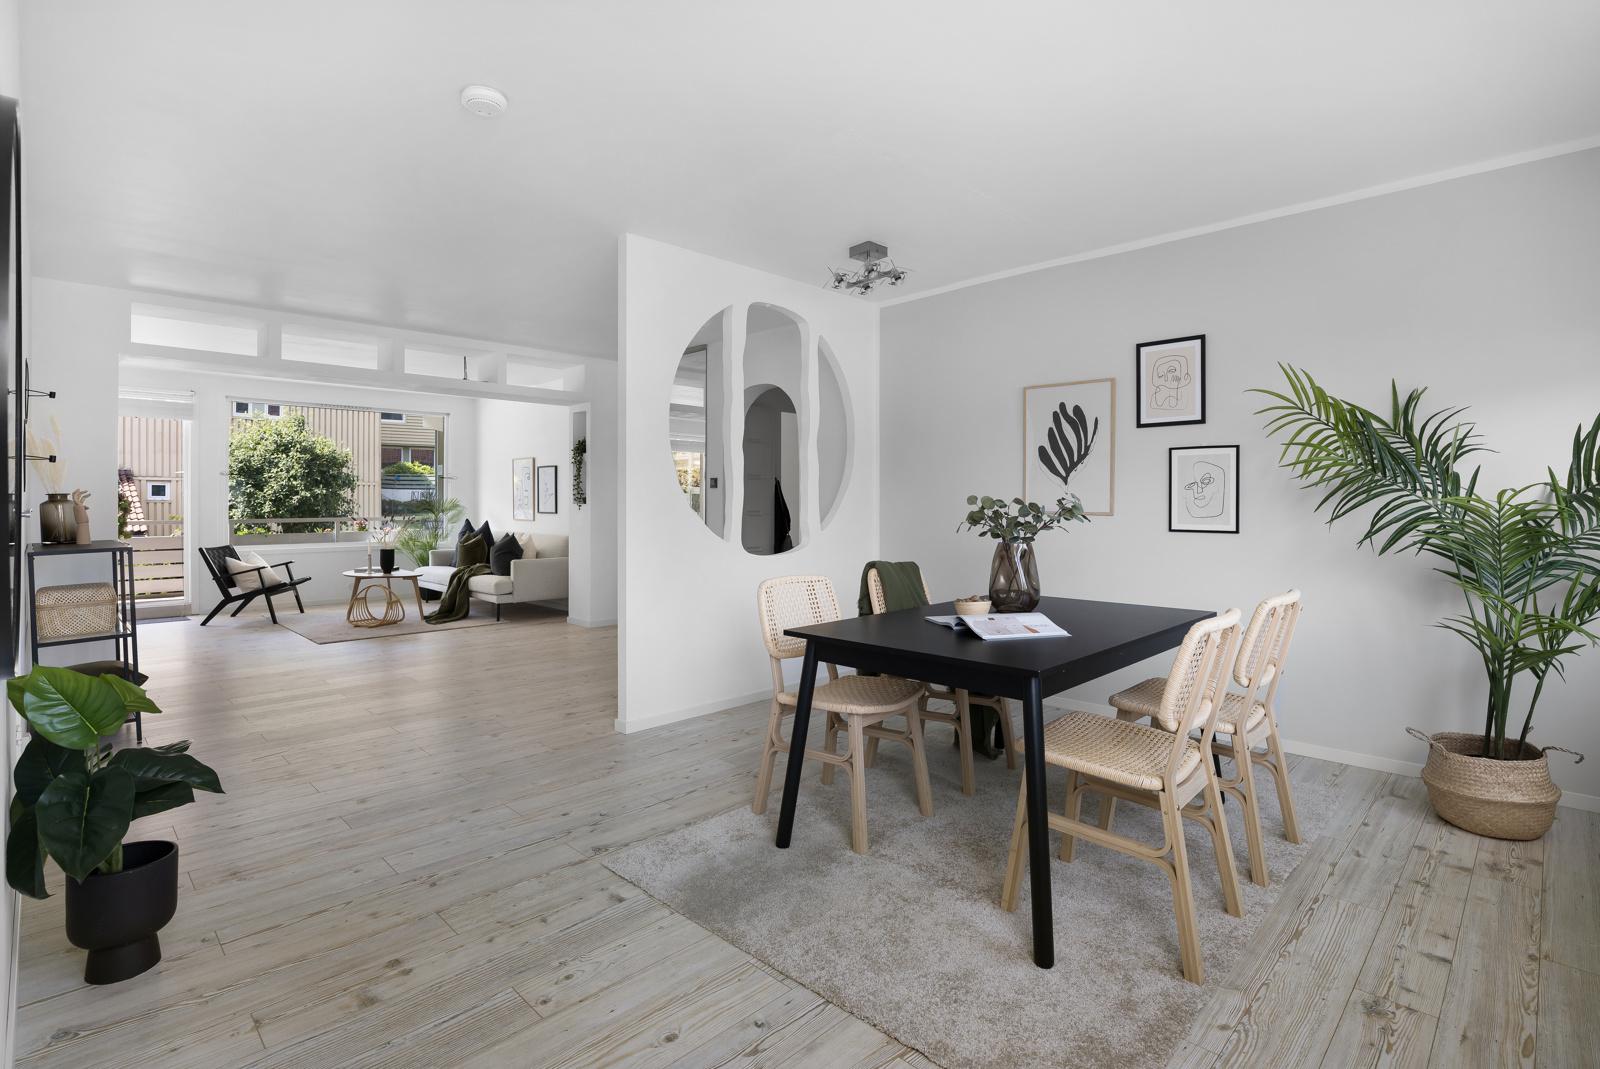 Velkommen til en flott 3-roms leilighet med super beliggenhet i Solheimsviken, presentert av Chris-Andre Grimstad